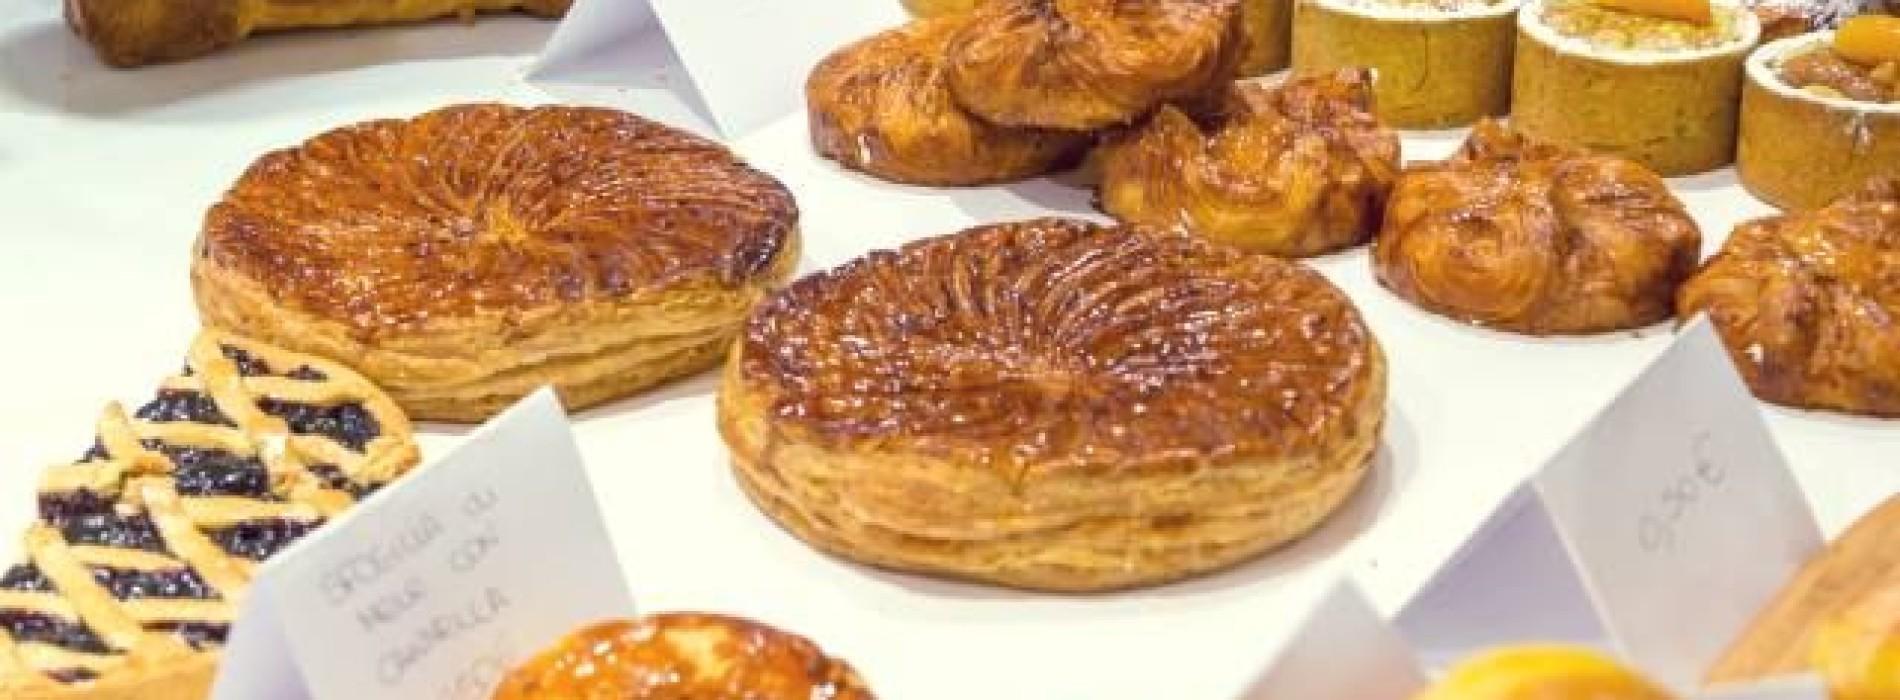 Le Levain a Roma, il forno francese di Solfrizzi a Trastevere (baguette, croissant e macaron dell'allievo di Ducasse)